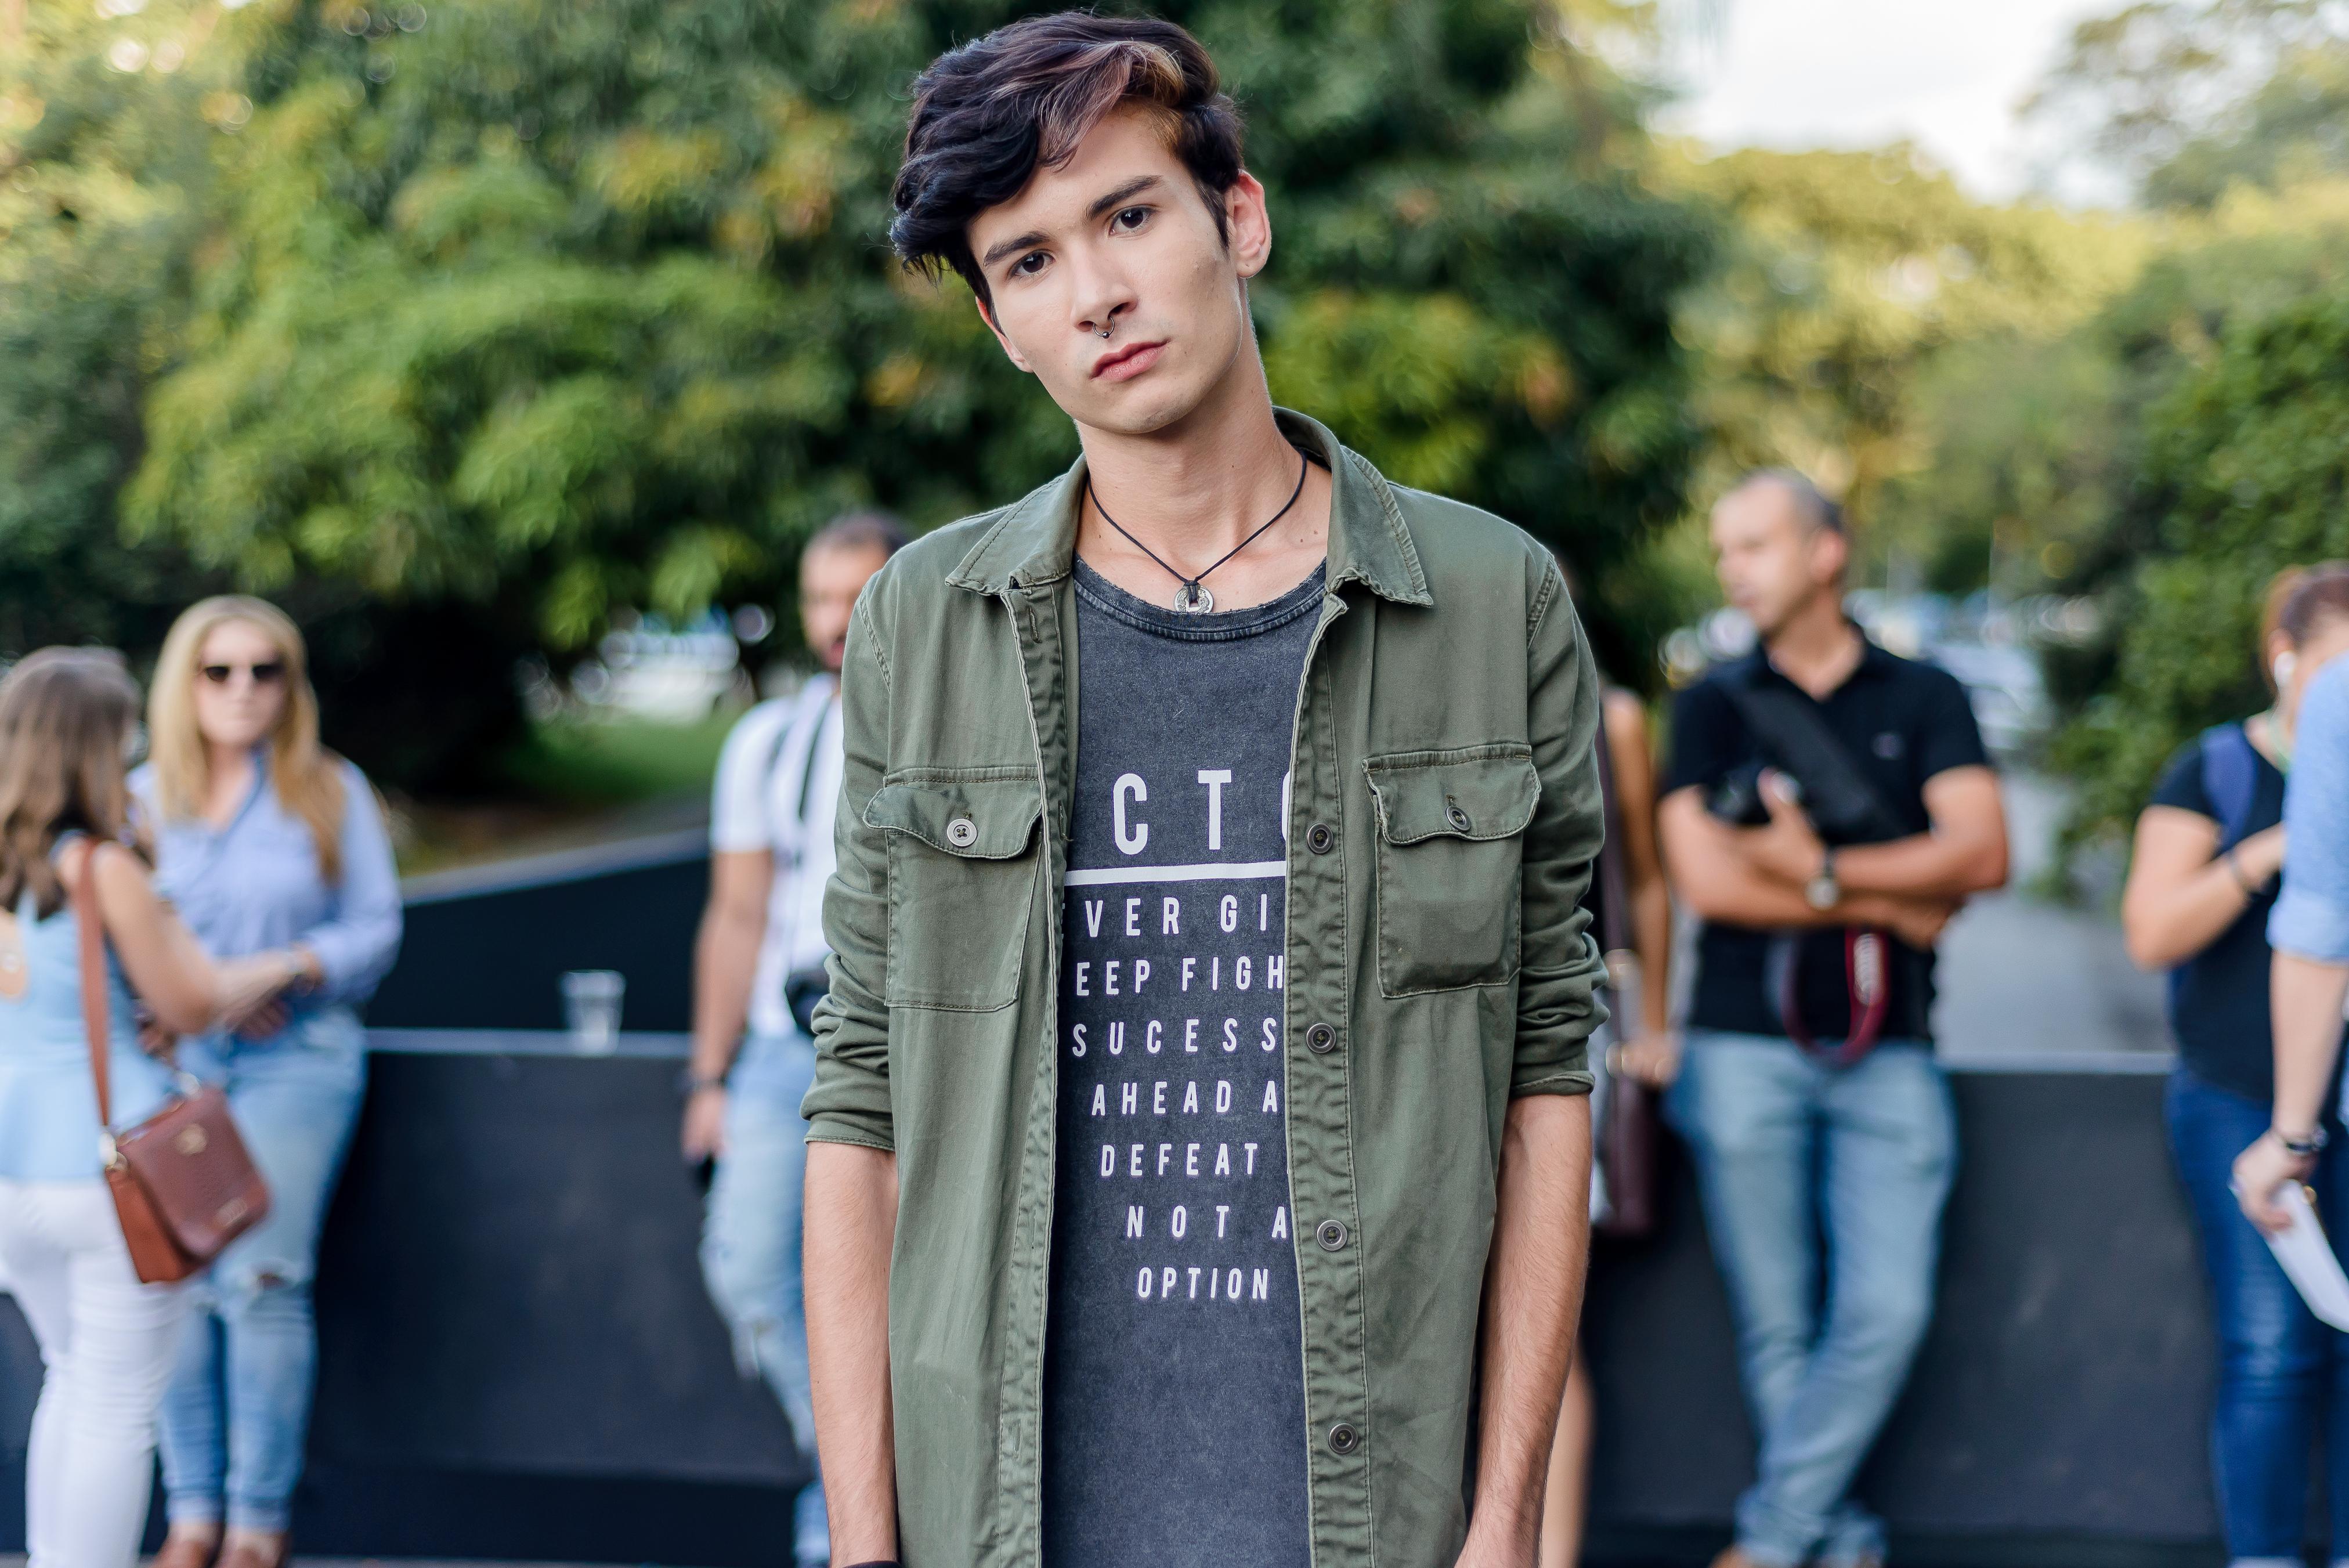 spfwn43-street-style-moda-masculina-estilo-masculino-style-fashion-moda-2017-moda-sem-censura-beleza-blog-de-moda-men-man-boy-estilo (16)